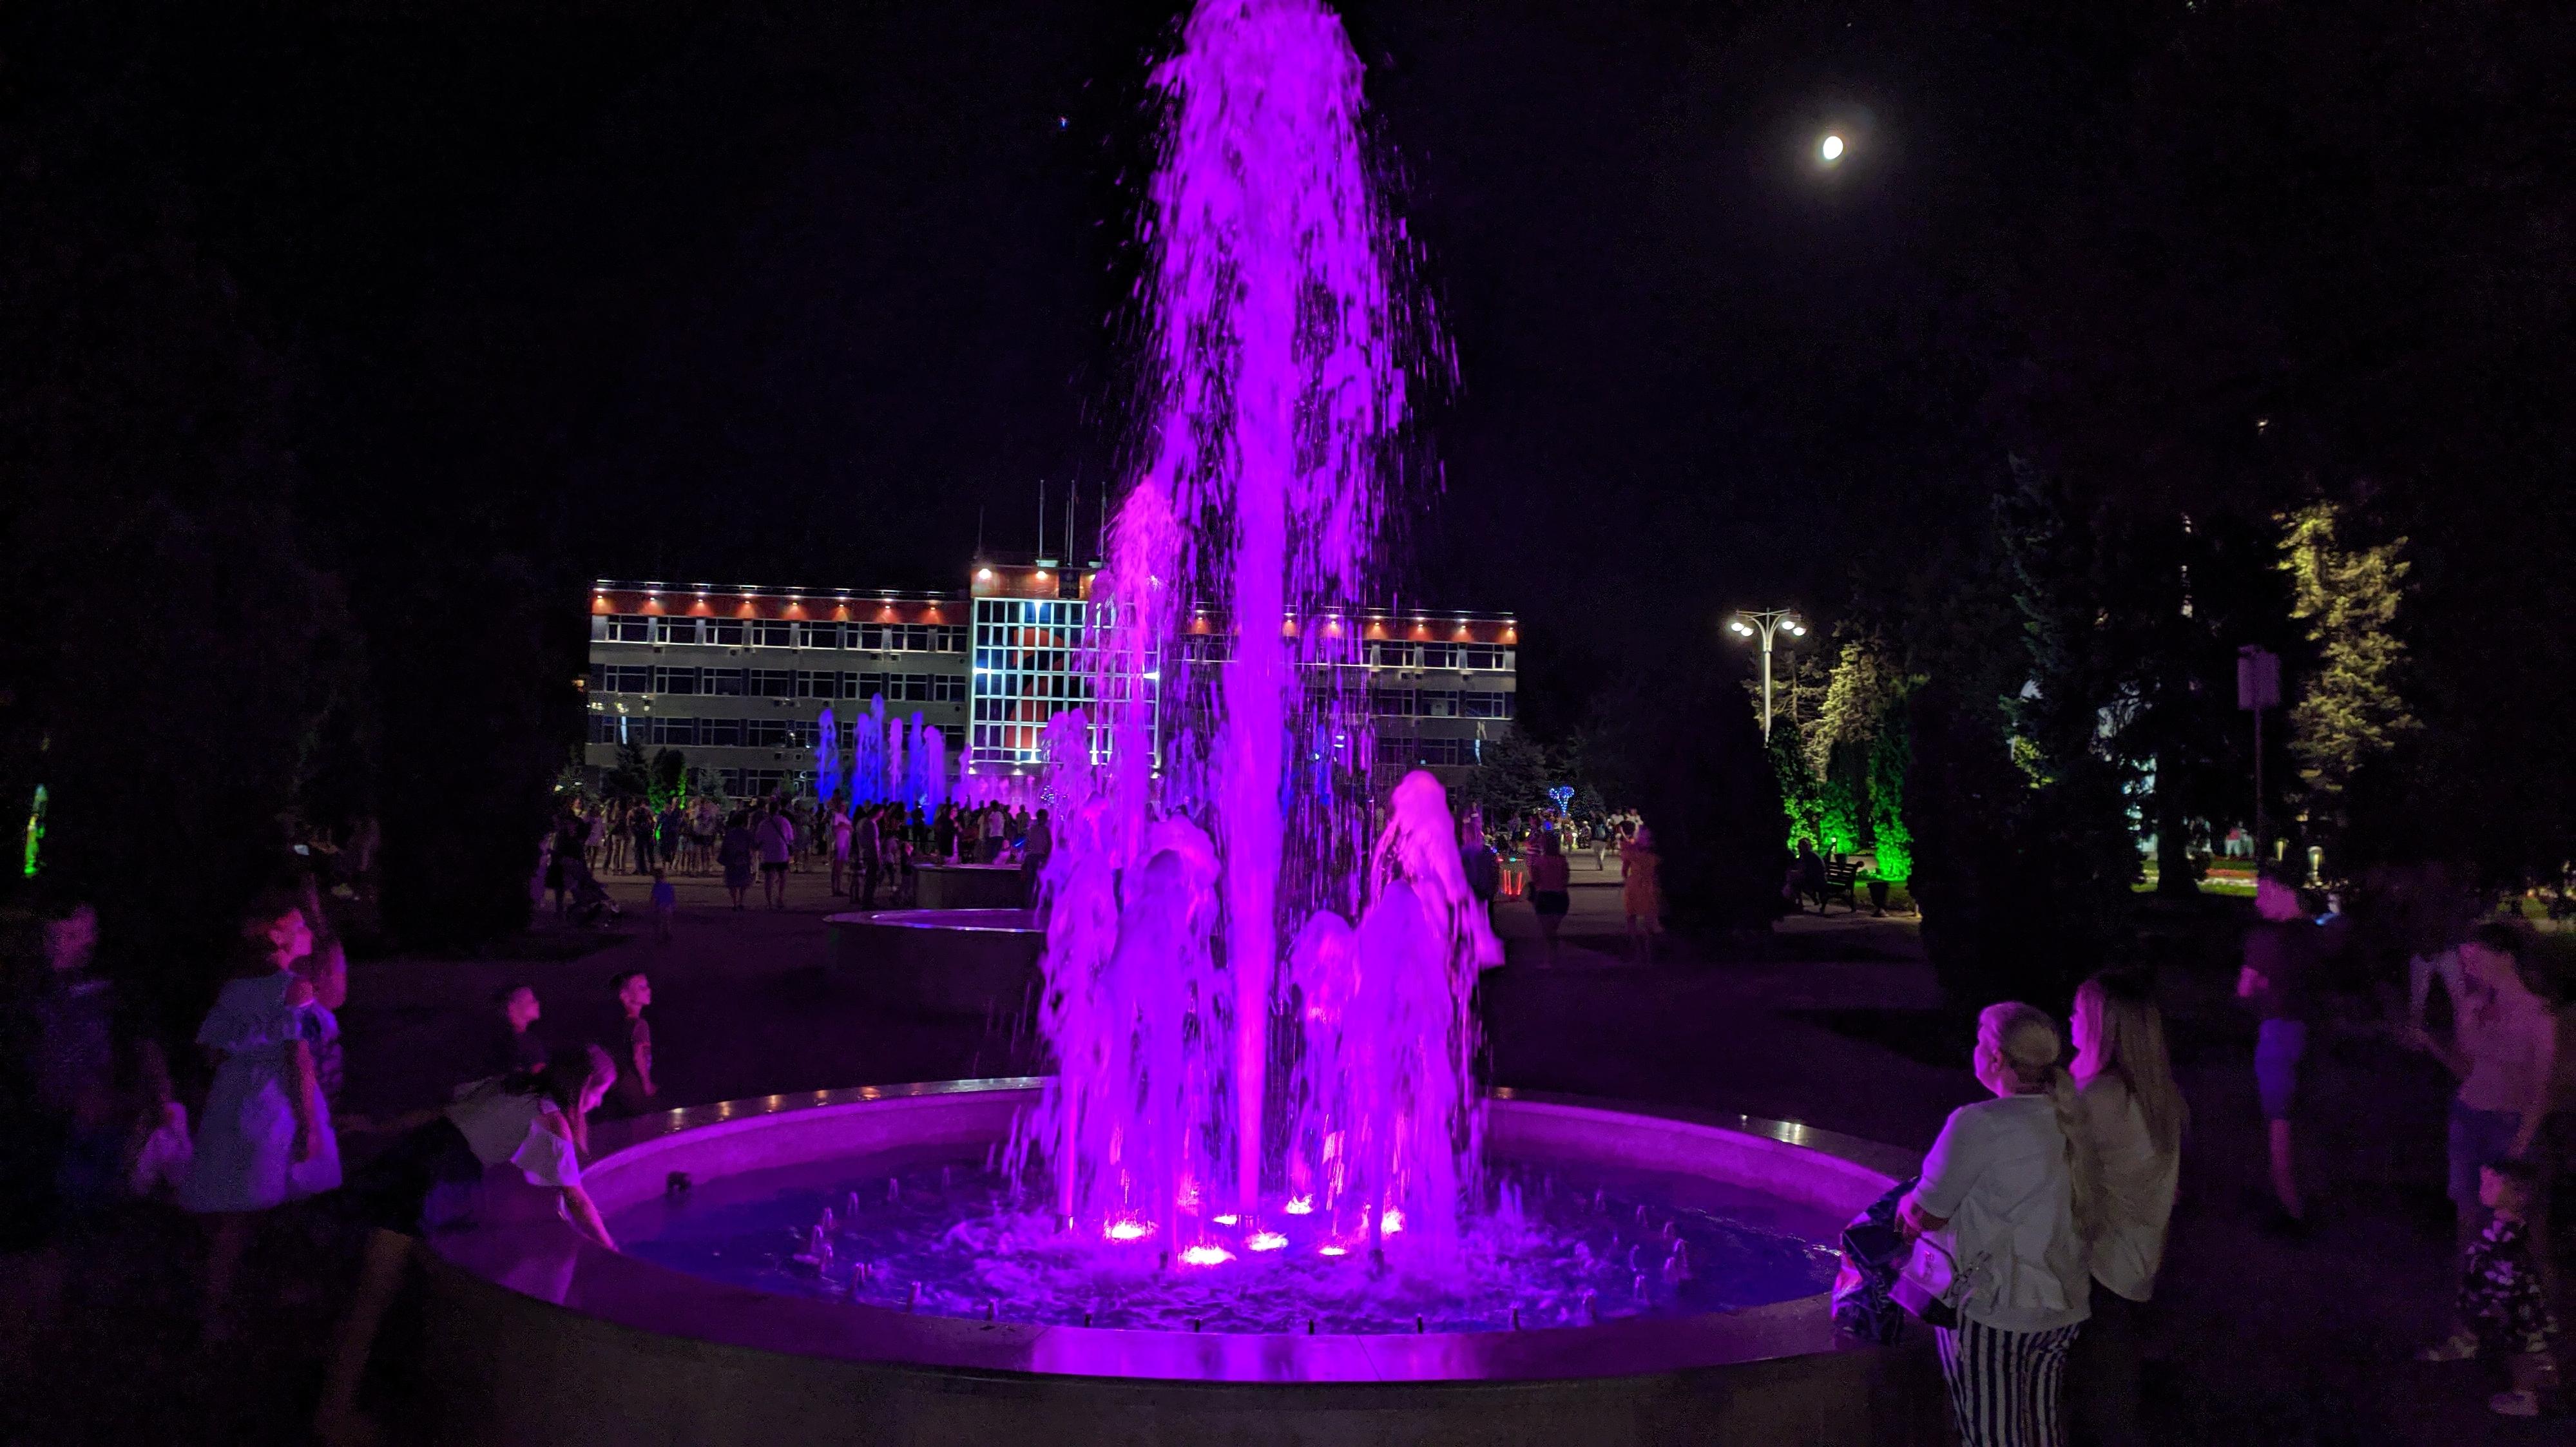 вечерний поющий фонтан